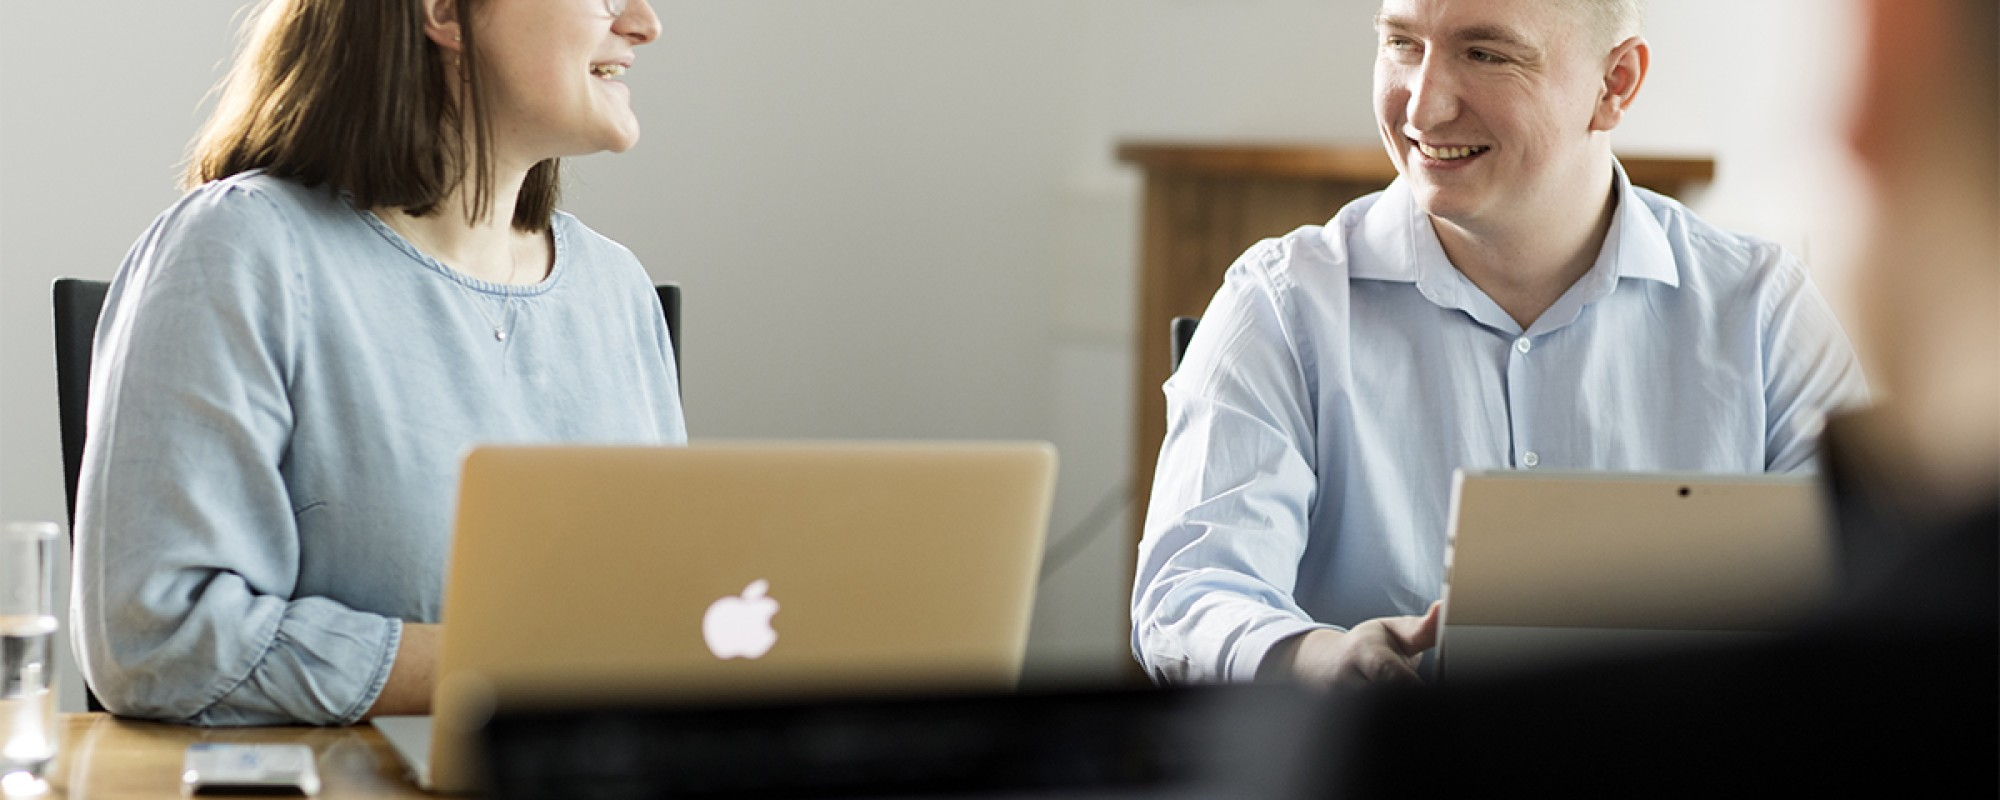 Eine Frau und ein Mann sitzen vor ihren Laptops und führen ein Gespräch.